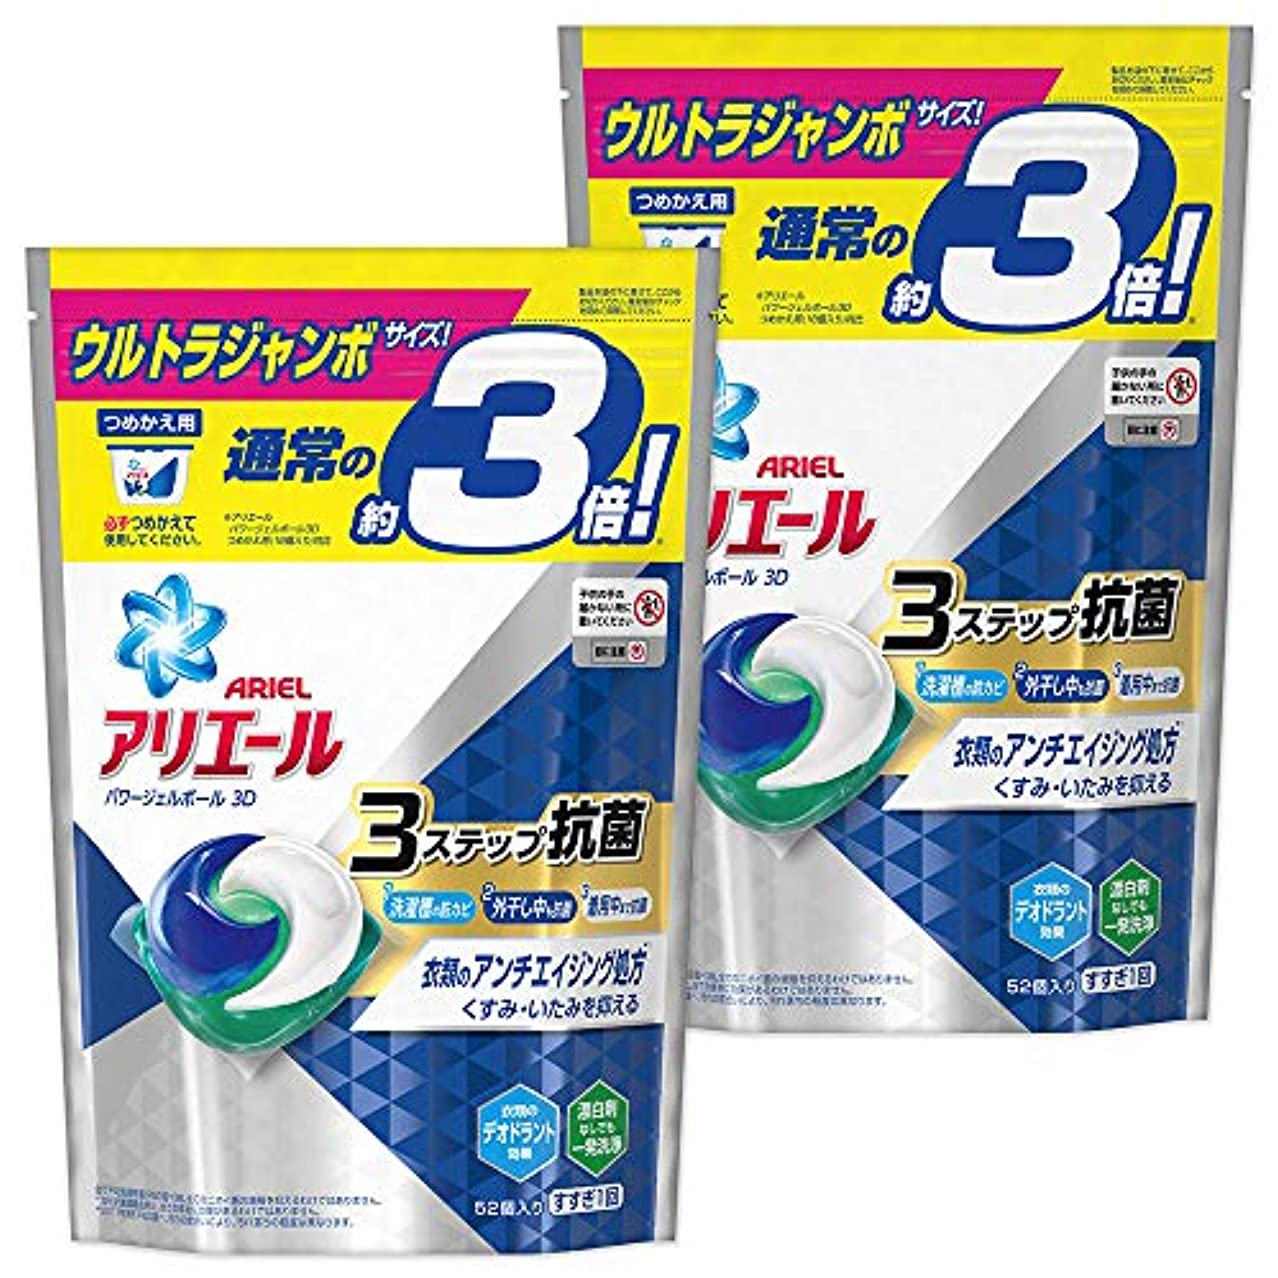 アセンブリリーズデイジーアリエール 洗濯洗剤 パワージェルボール3D 52個*2